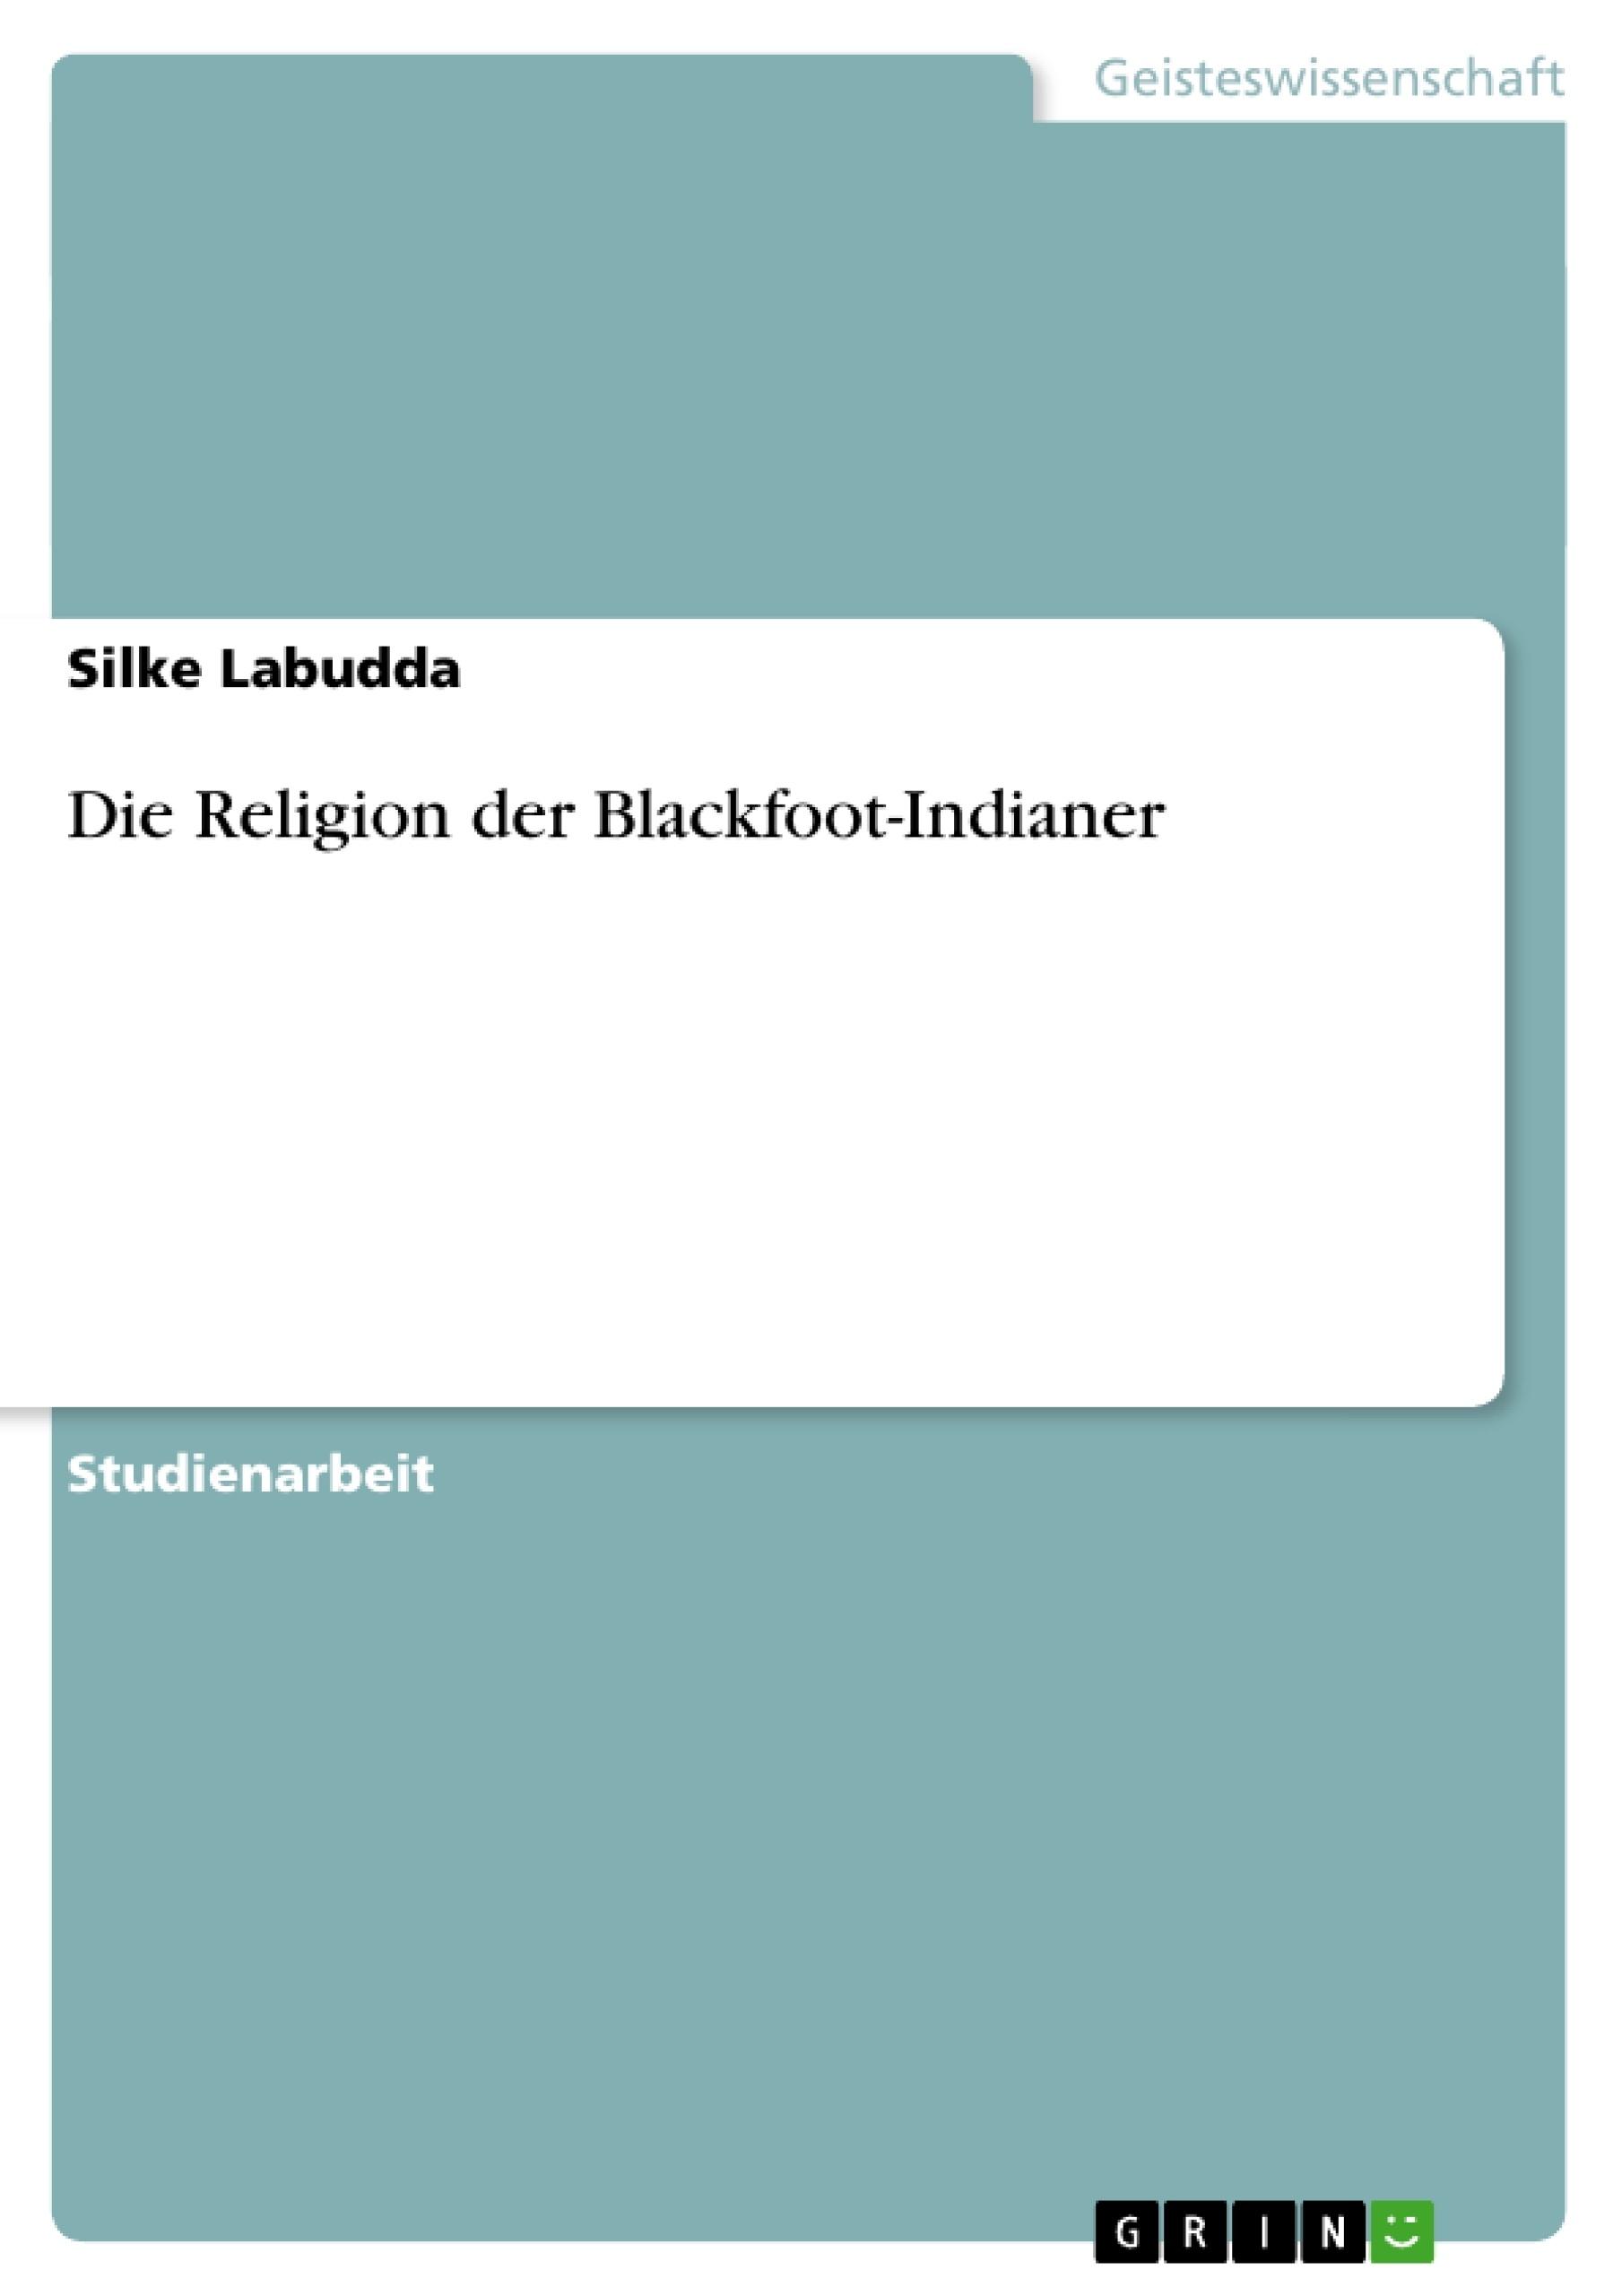 Titel: Die Religion der Blackfoot-Indianer